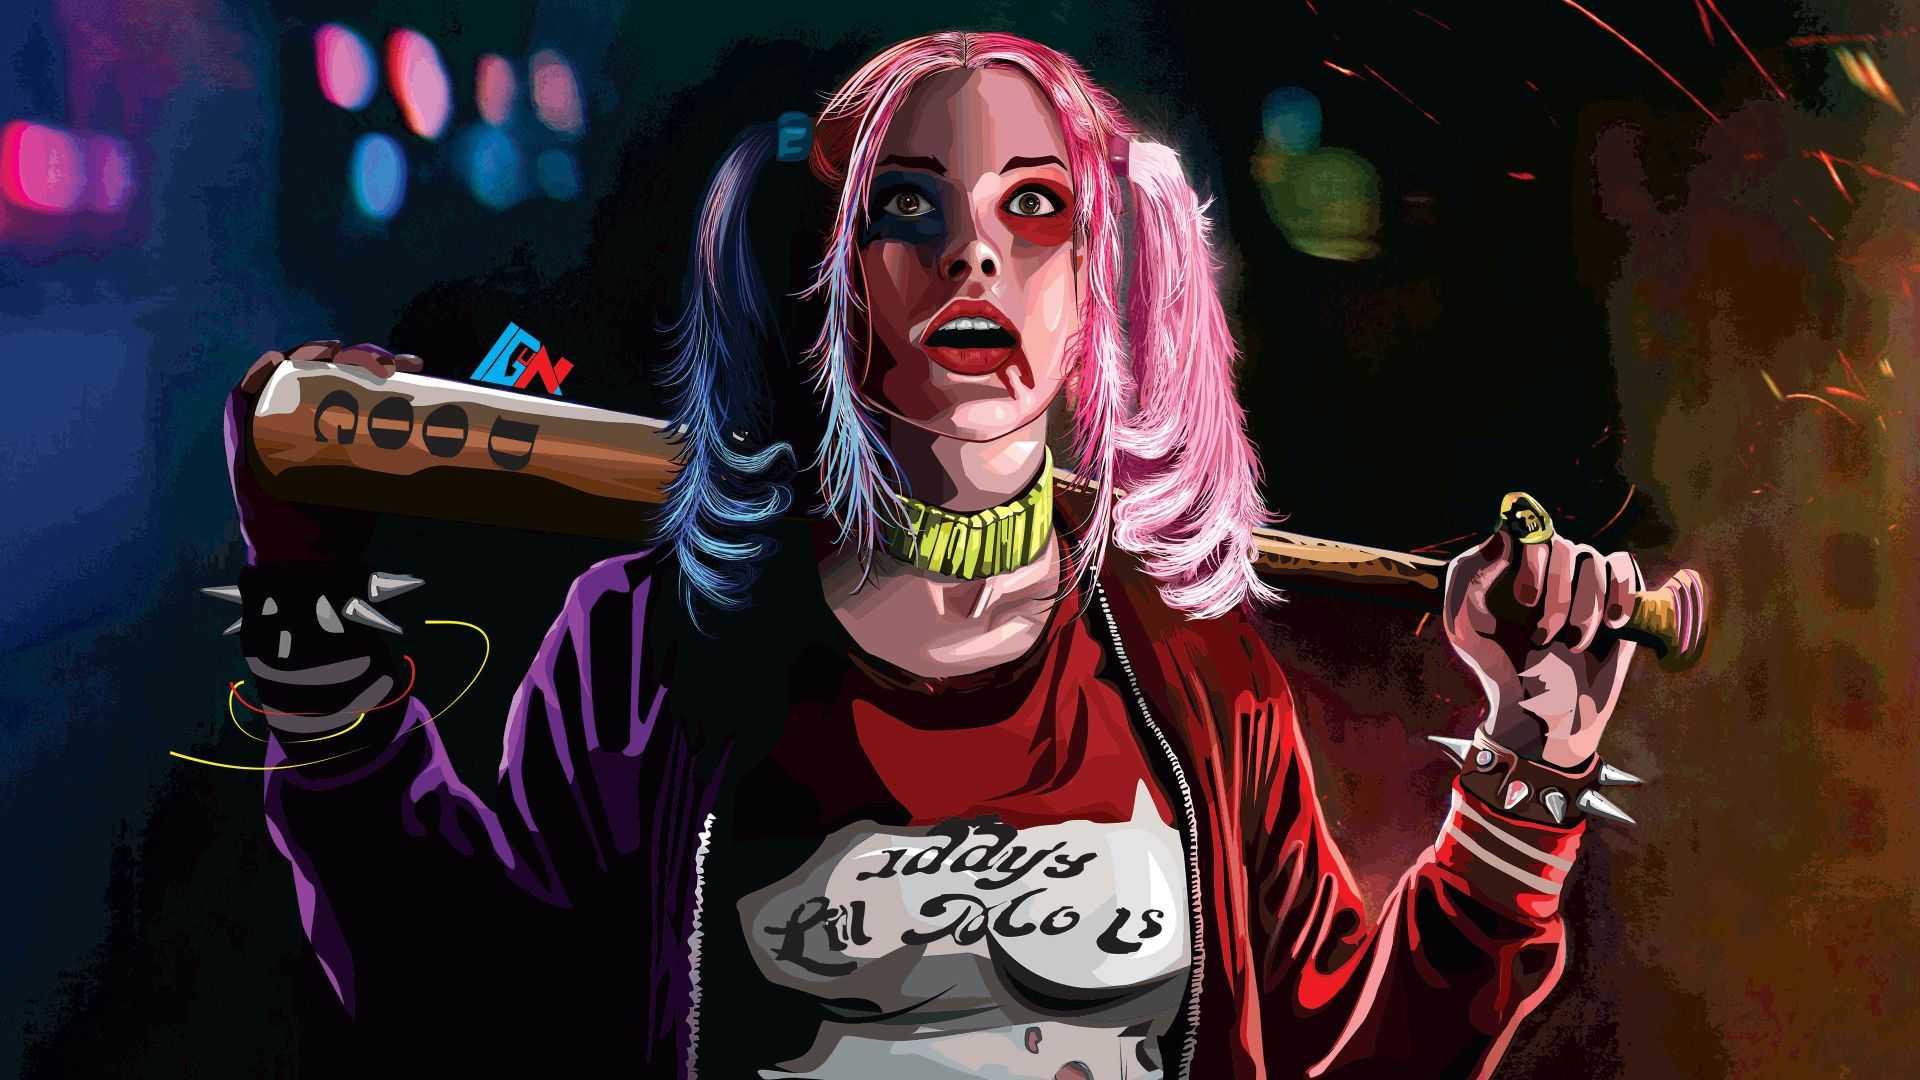 Harley Quinn Wallpaper Nawpic